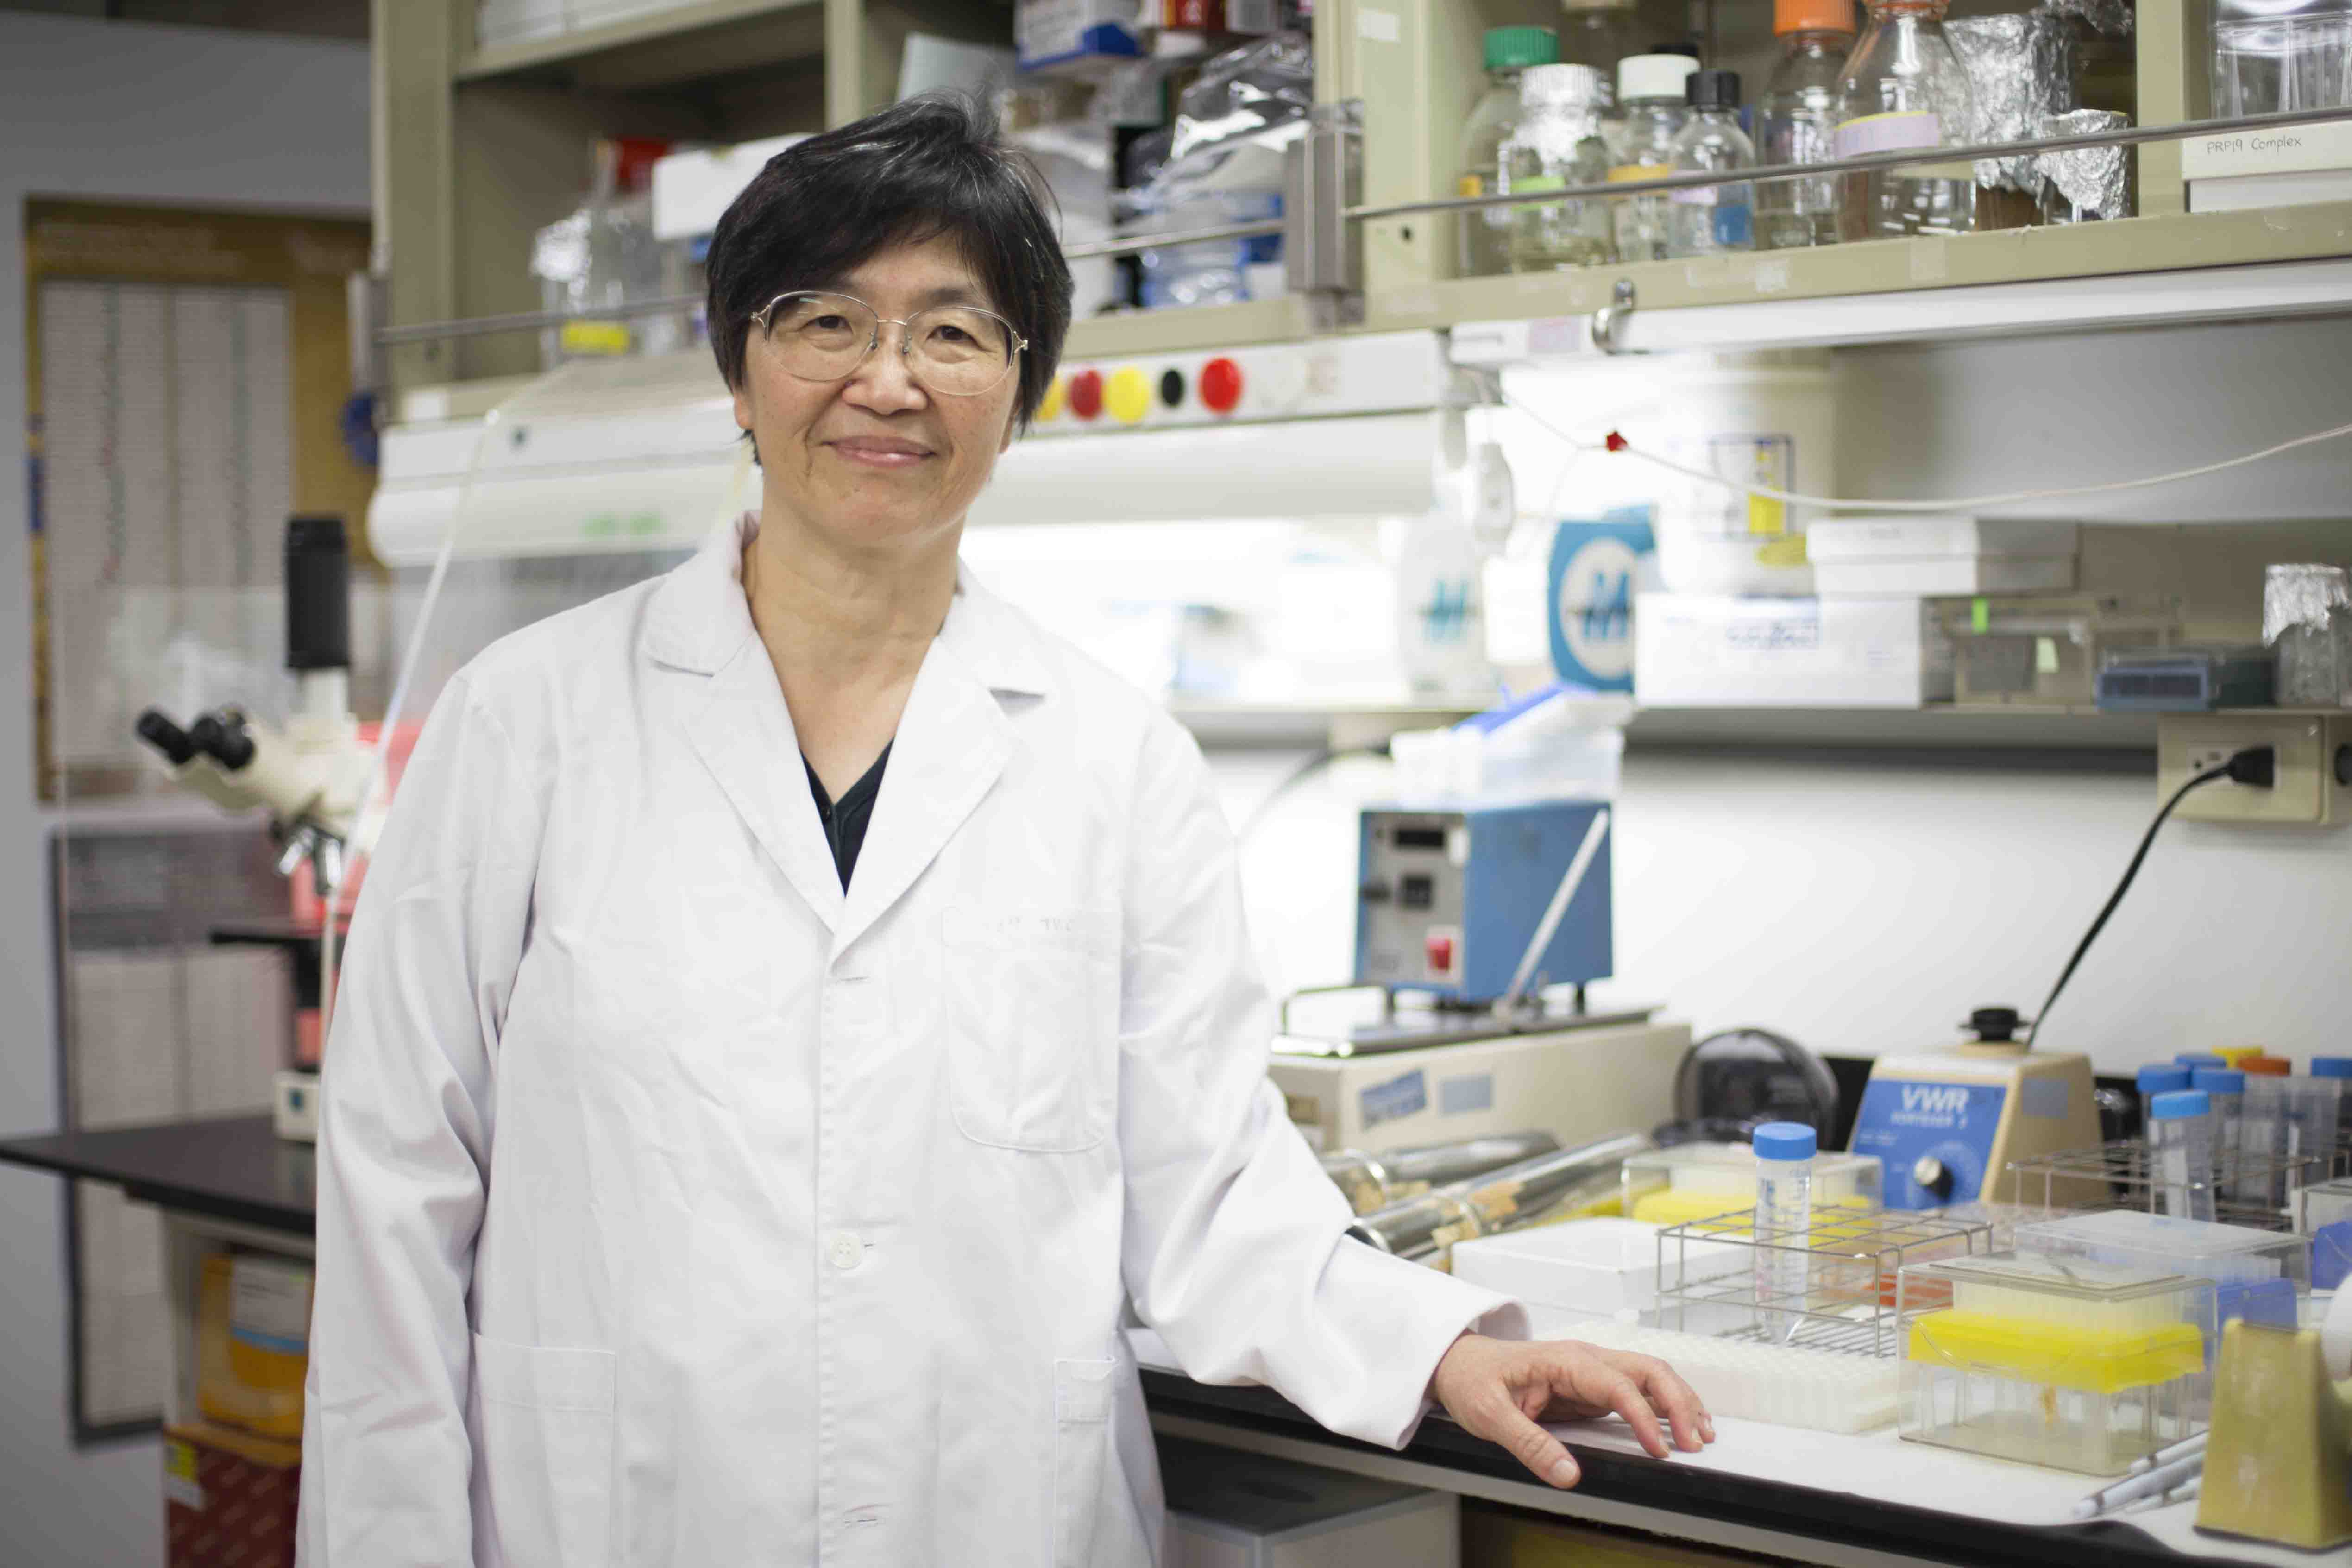 中研院分子生物研究所的鄭淑珍院士,與團隊透過實驗發現生物體內的「 RNA 剪接師團隊」。 攝影│張語辰